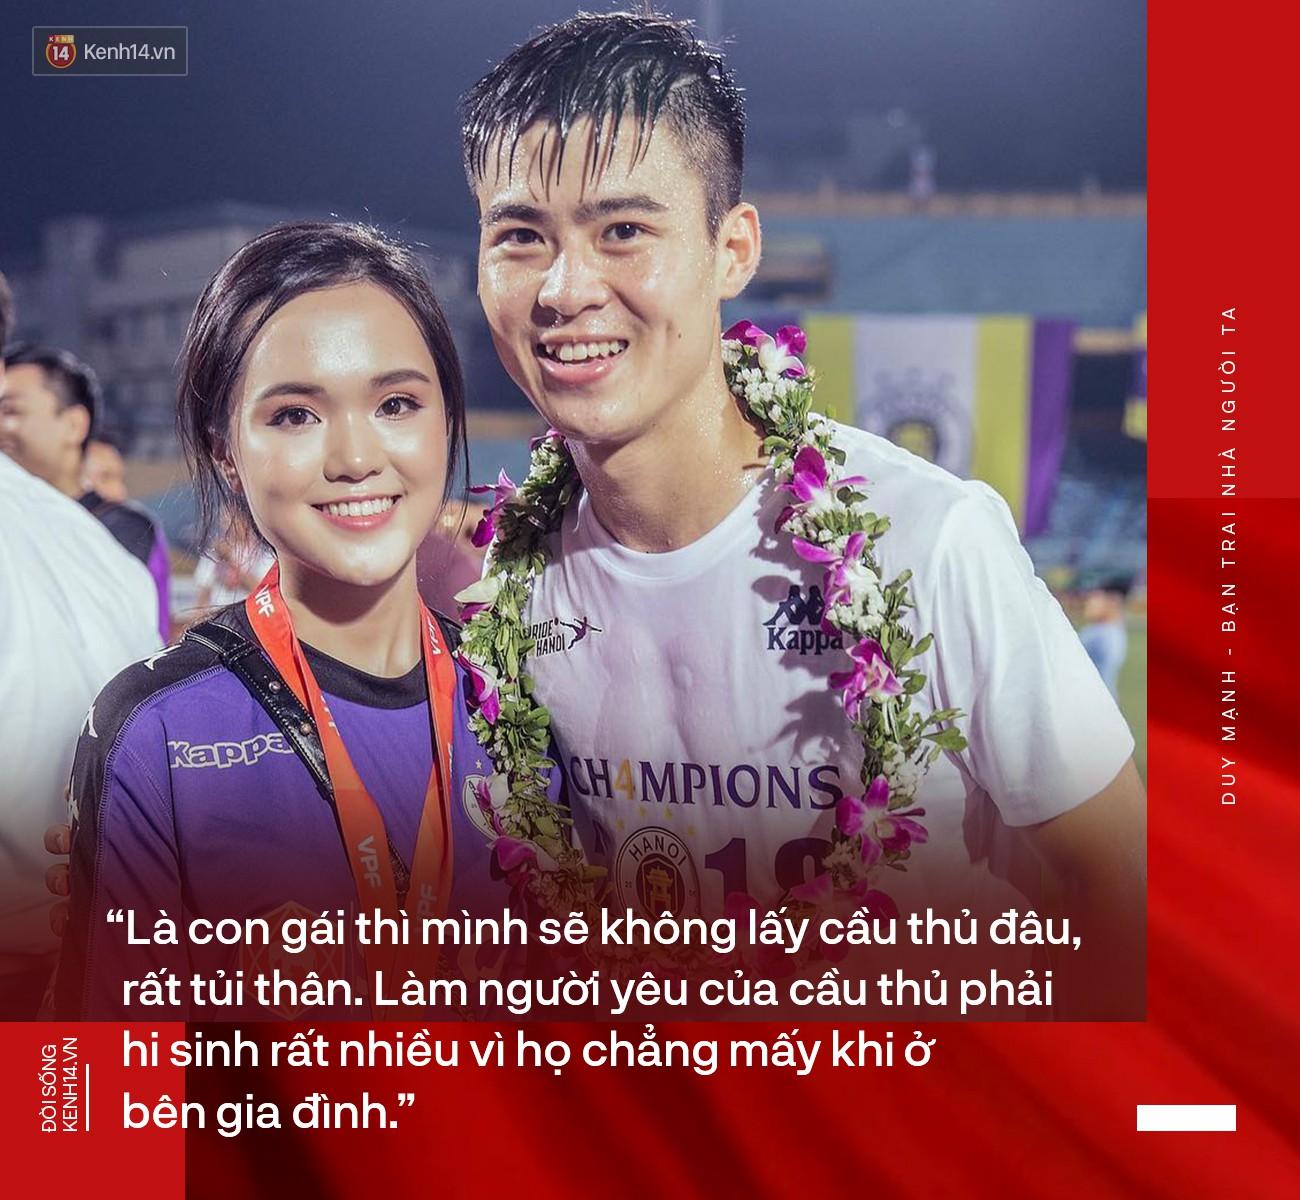 Bạn trai nhà người ta Duy Mạnh: Chiến thắng, vinh quang hay mọi điều tốt đẹp nhất đều dành tặng bạn gái-2